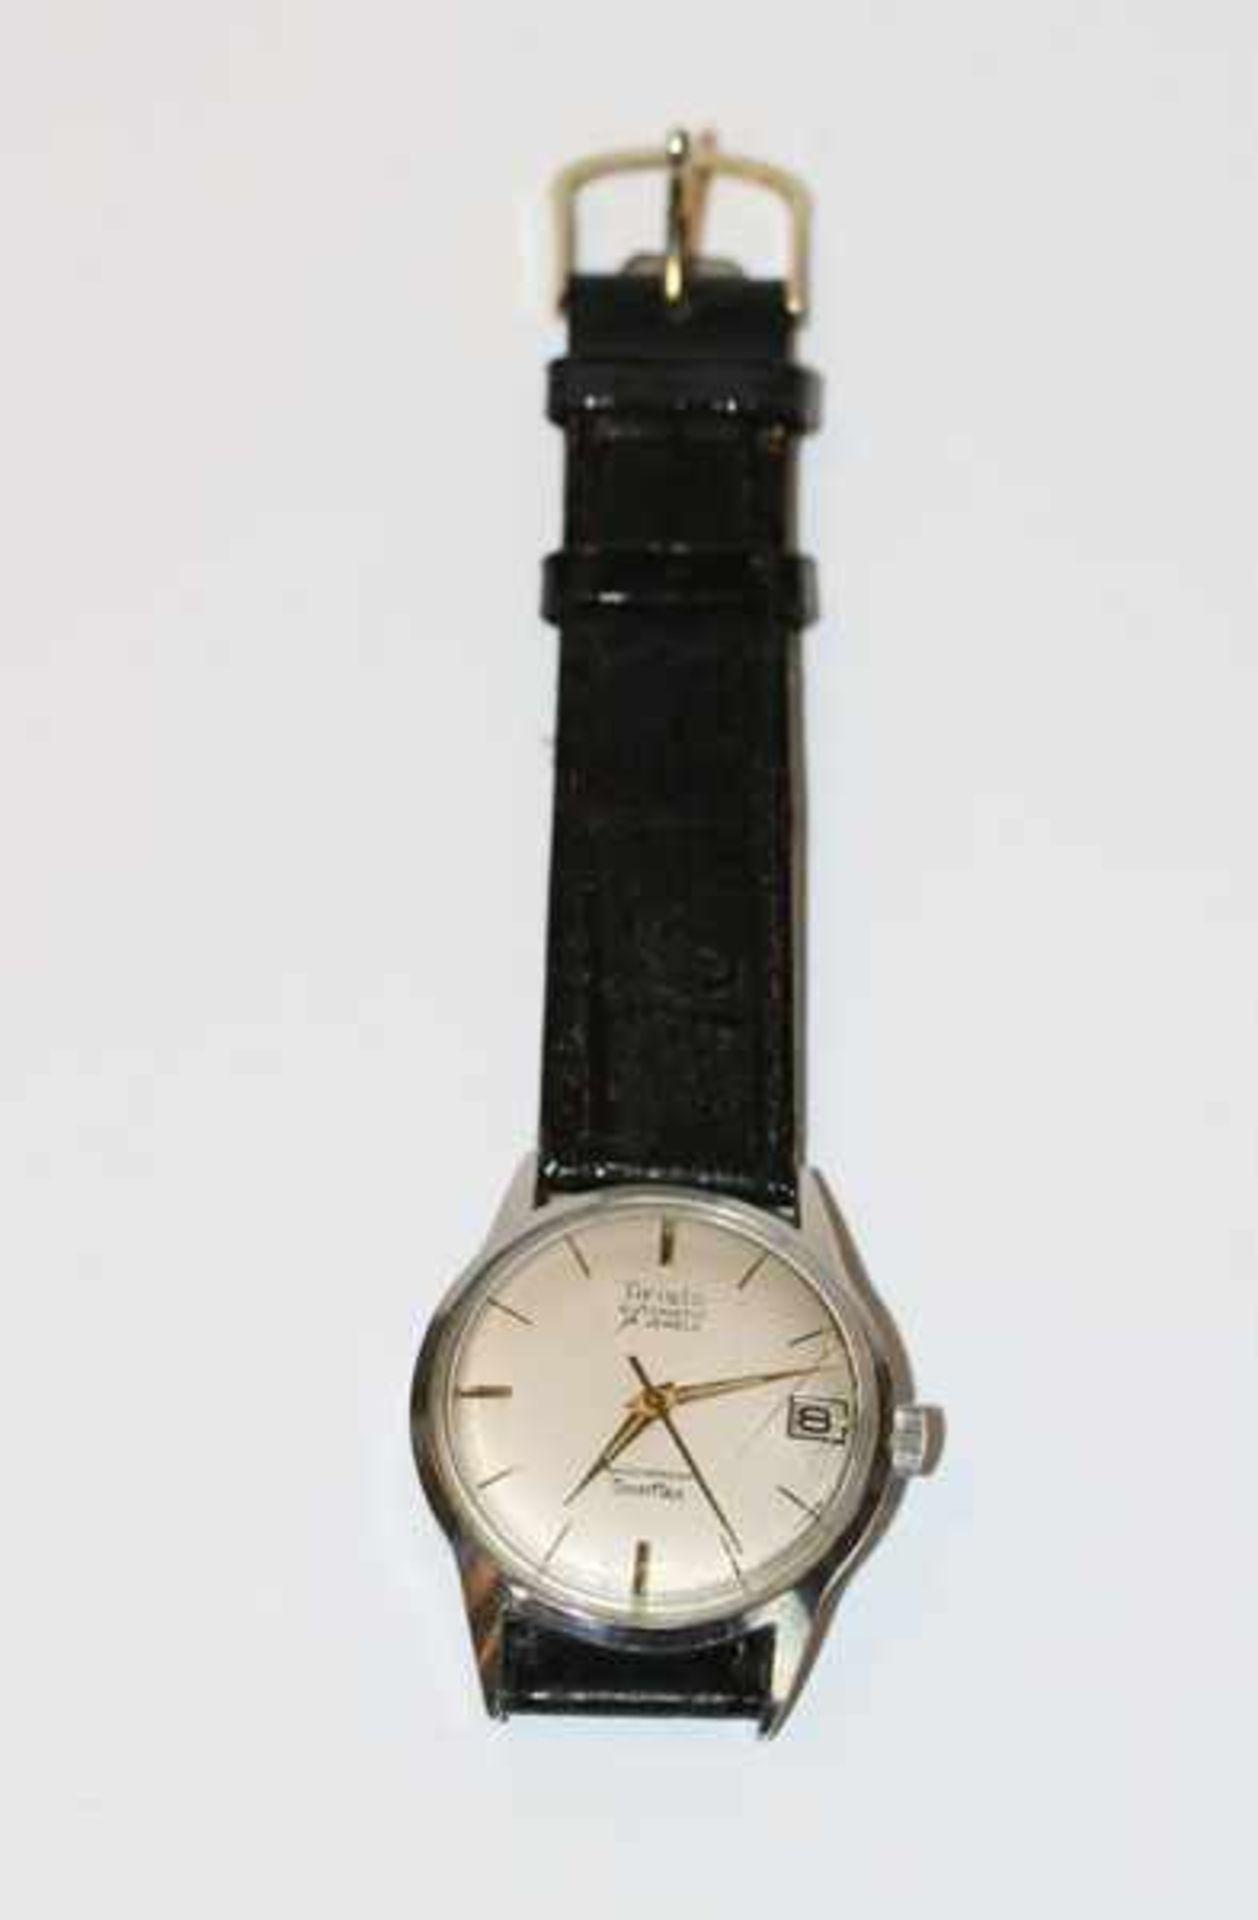 Los 60 - Aristo Automatic Herren Armbanduhr mit Datumsanzeige, intakt, an schwarzem Armband